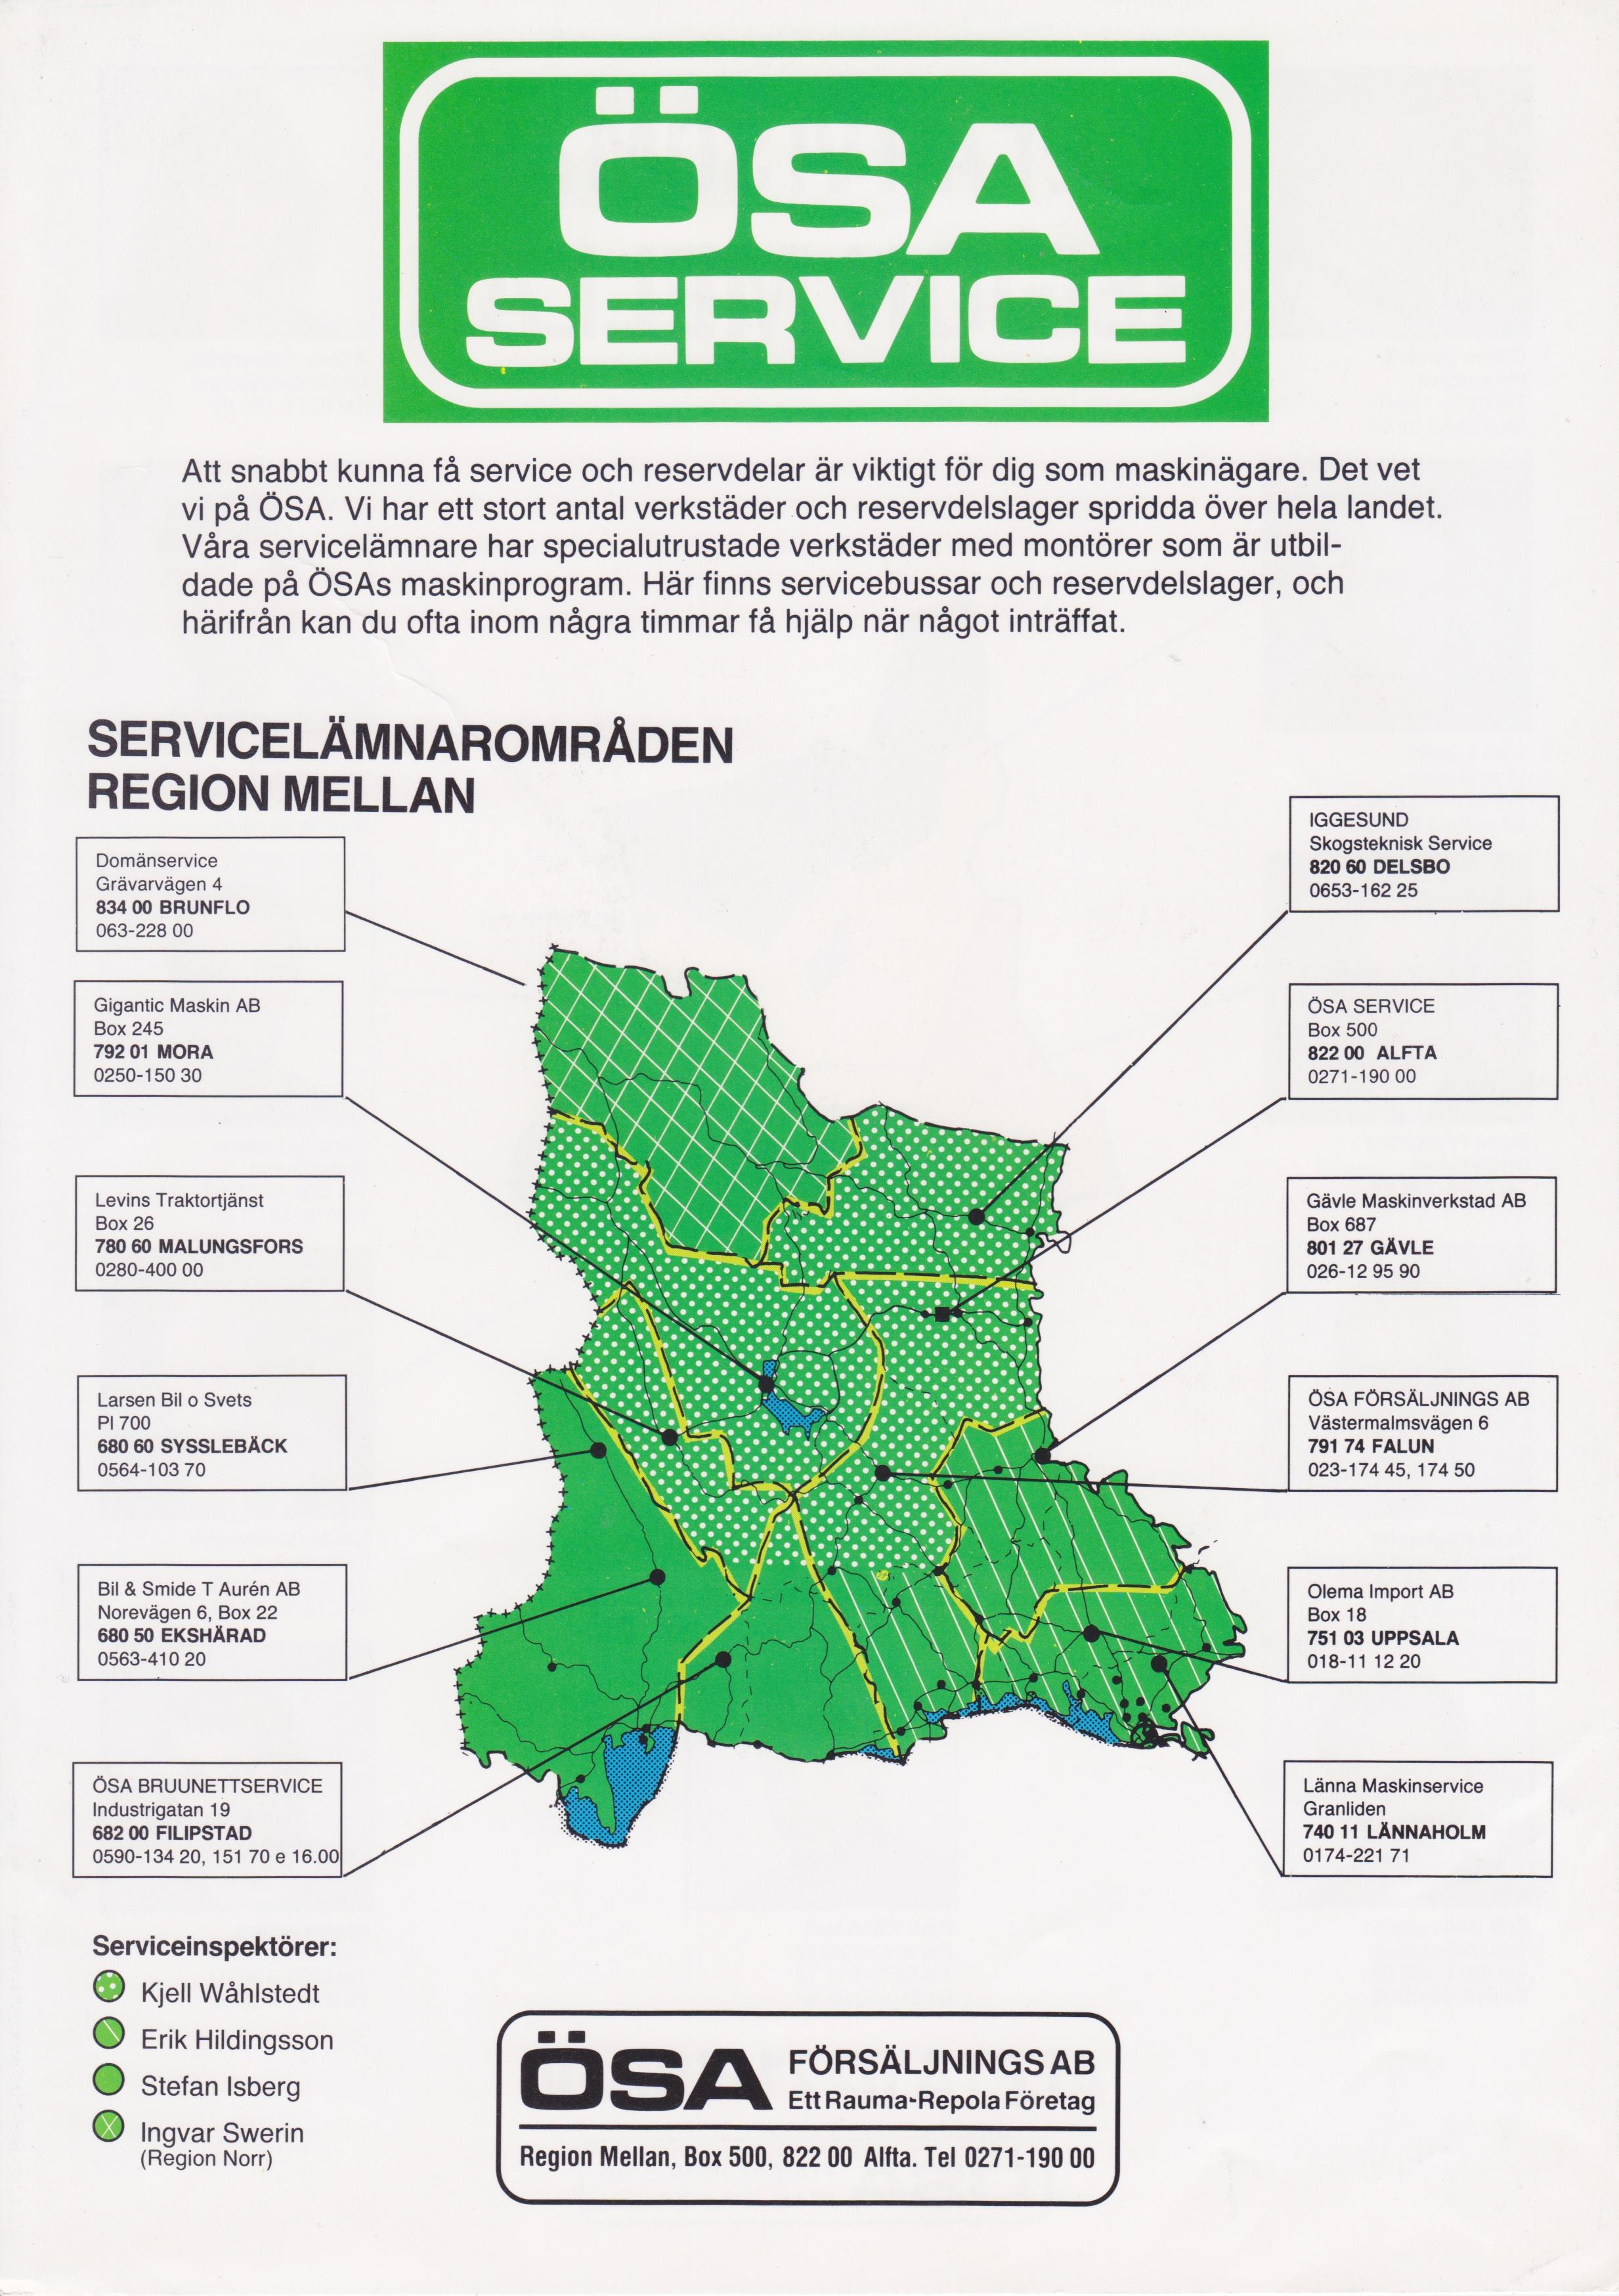 Region Mellan sid 2